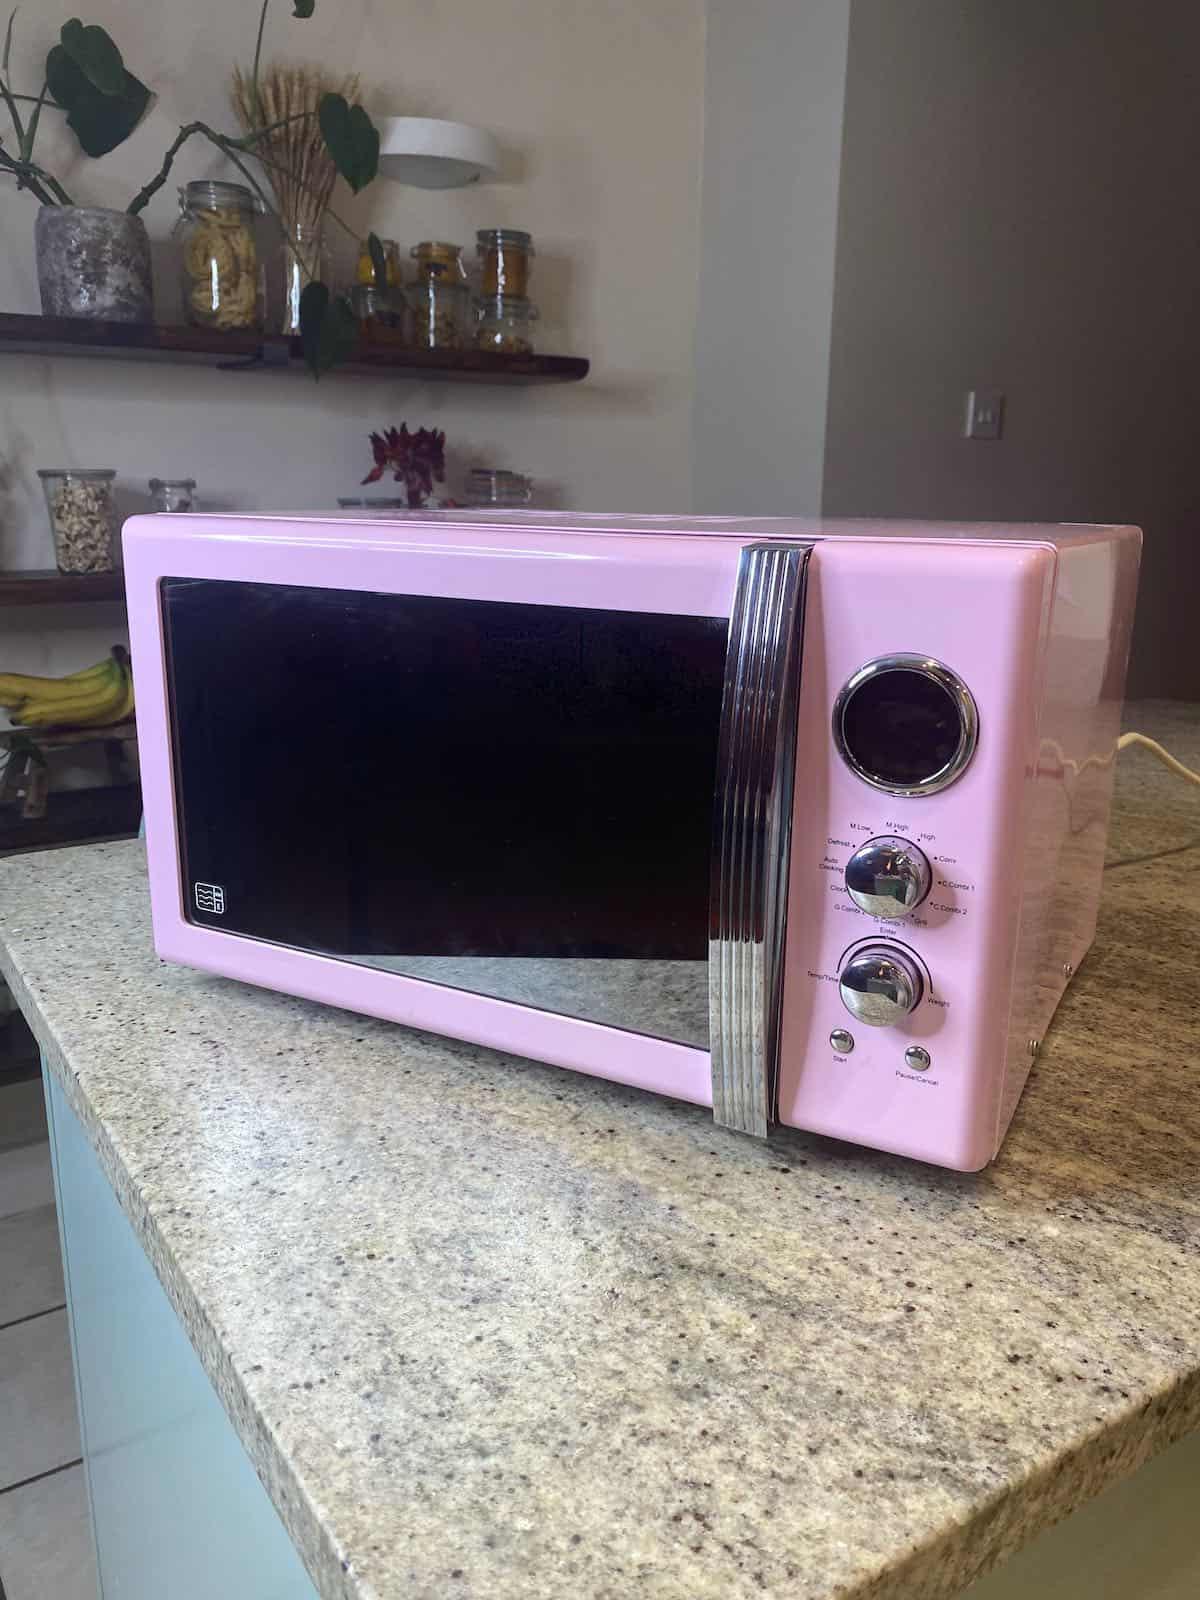 lemon clean microwave hack